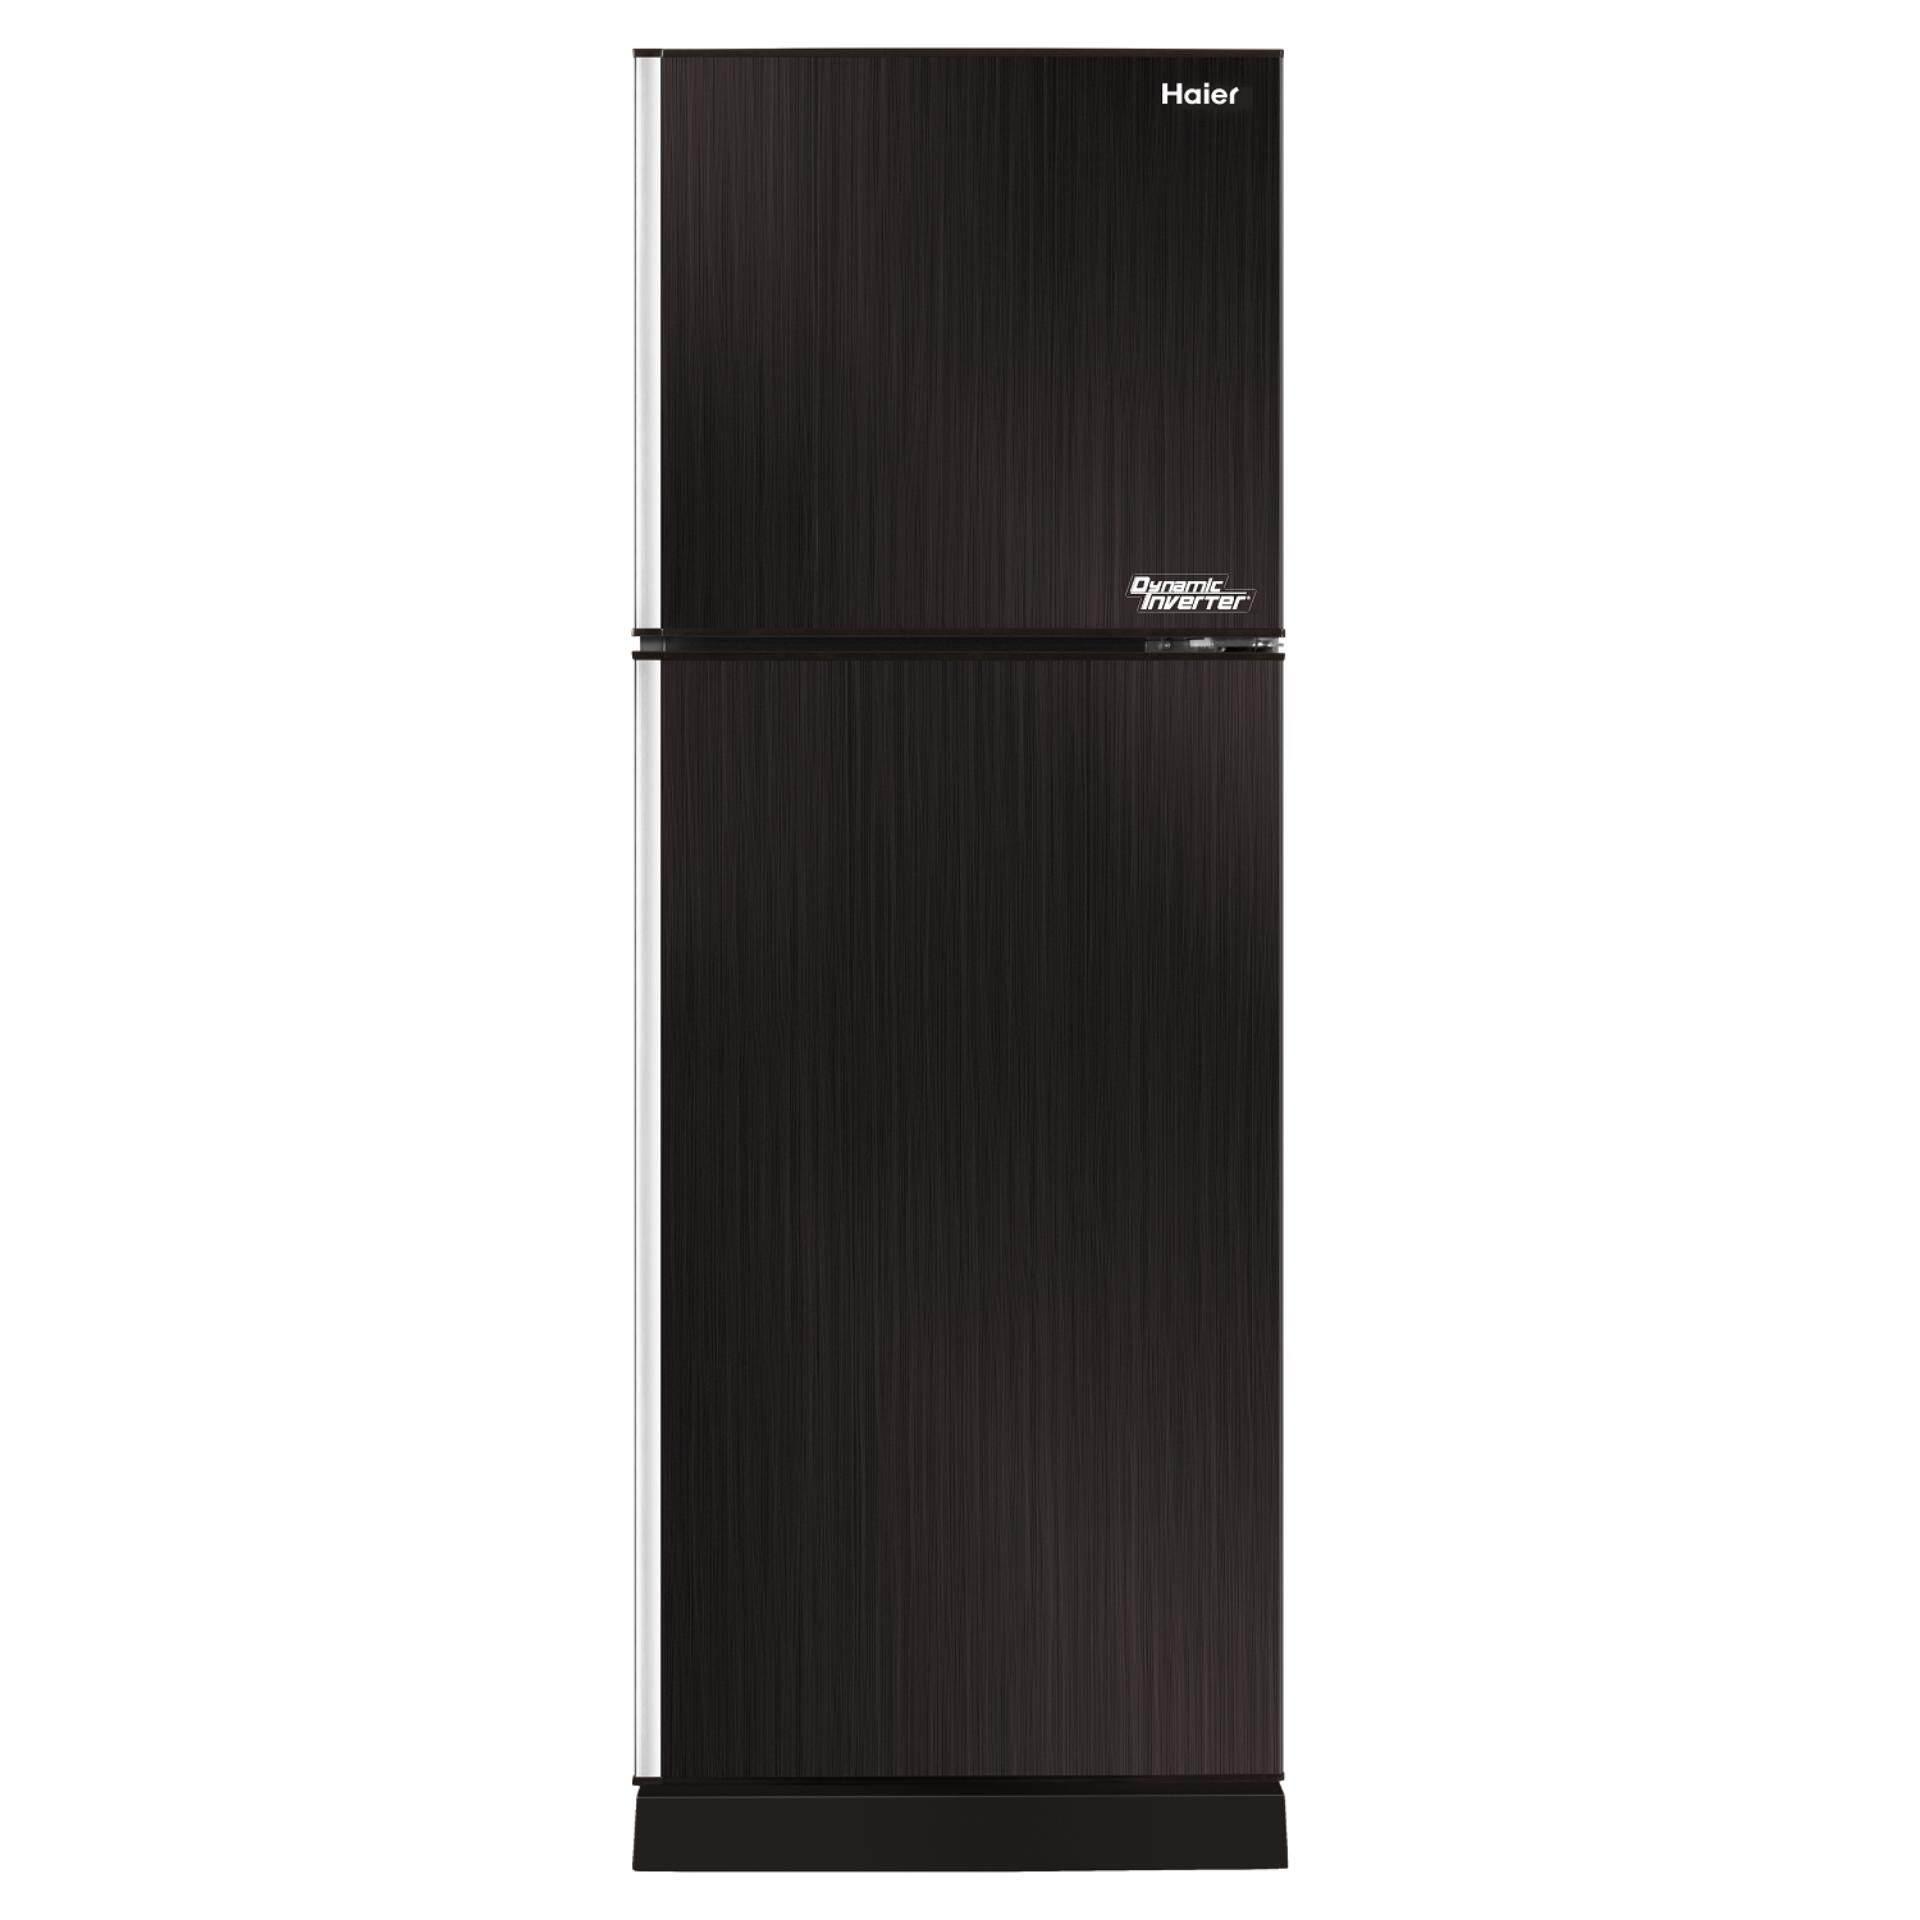 ขาย Haier ตู้เย็น 2 ประตู Dynamic Inverter รุ่น Hrf Tmv227 Mb ขนาด 7 2 คิว 225 ลิตร Haier ถูก